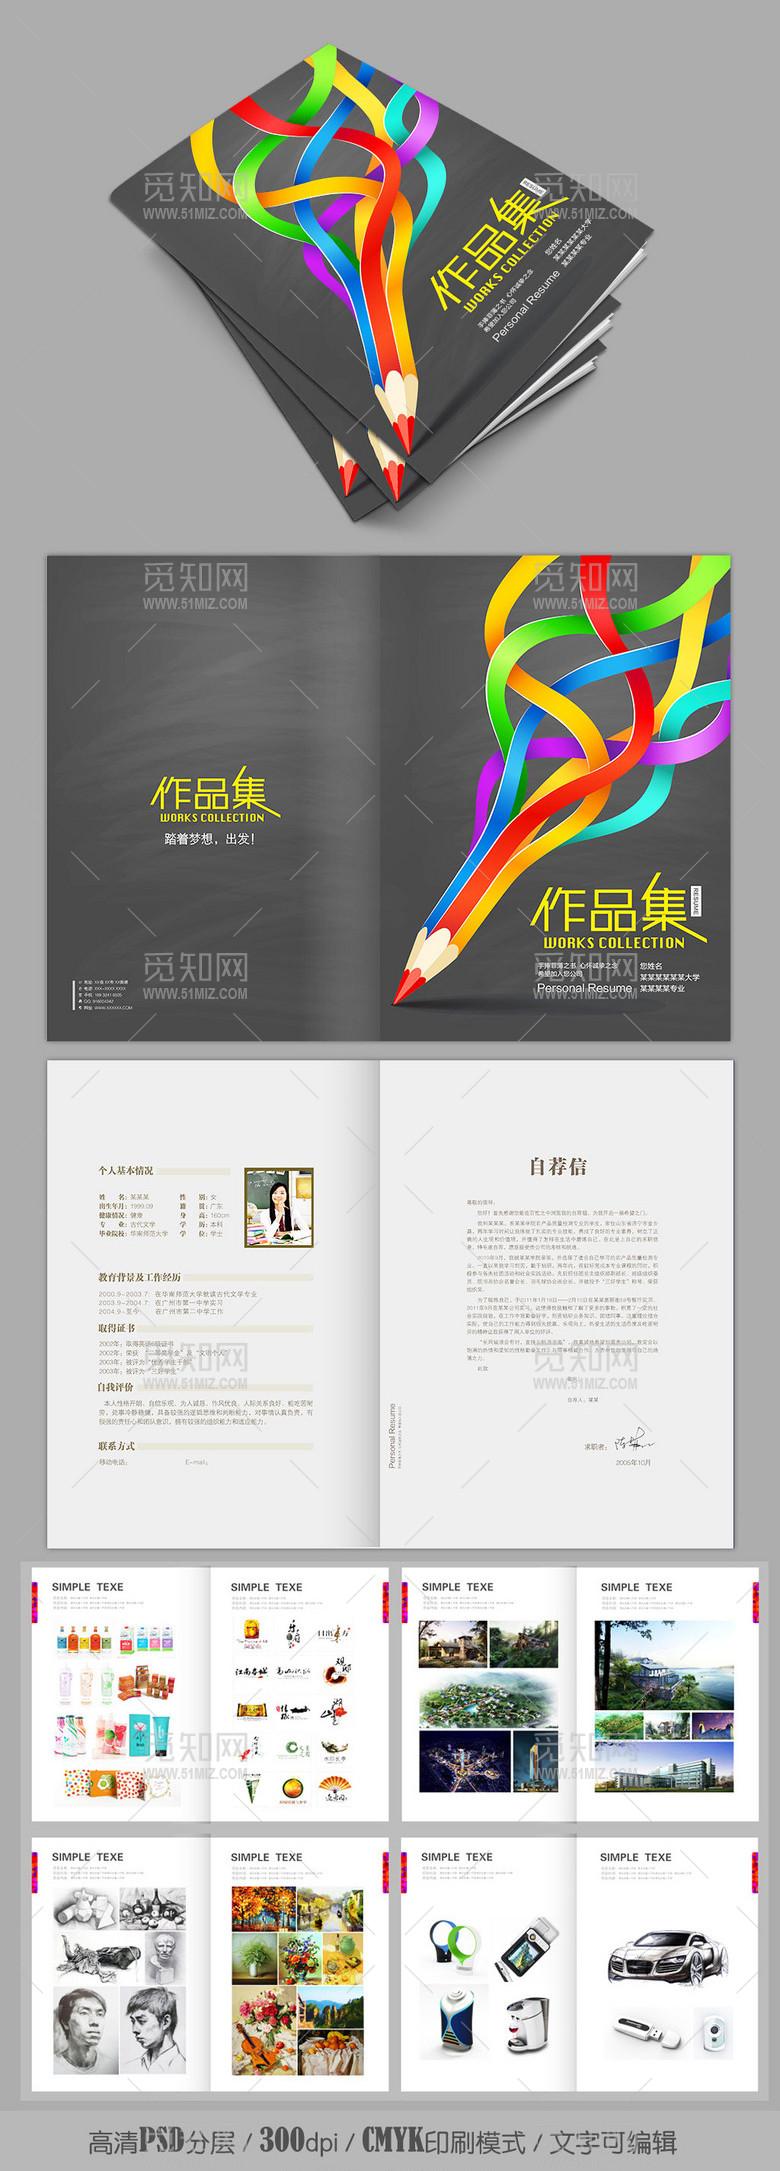 创意发散彩色铅笔求职简历作品集模板